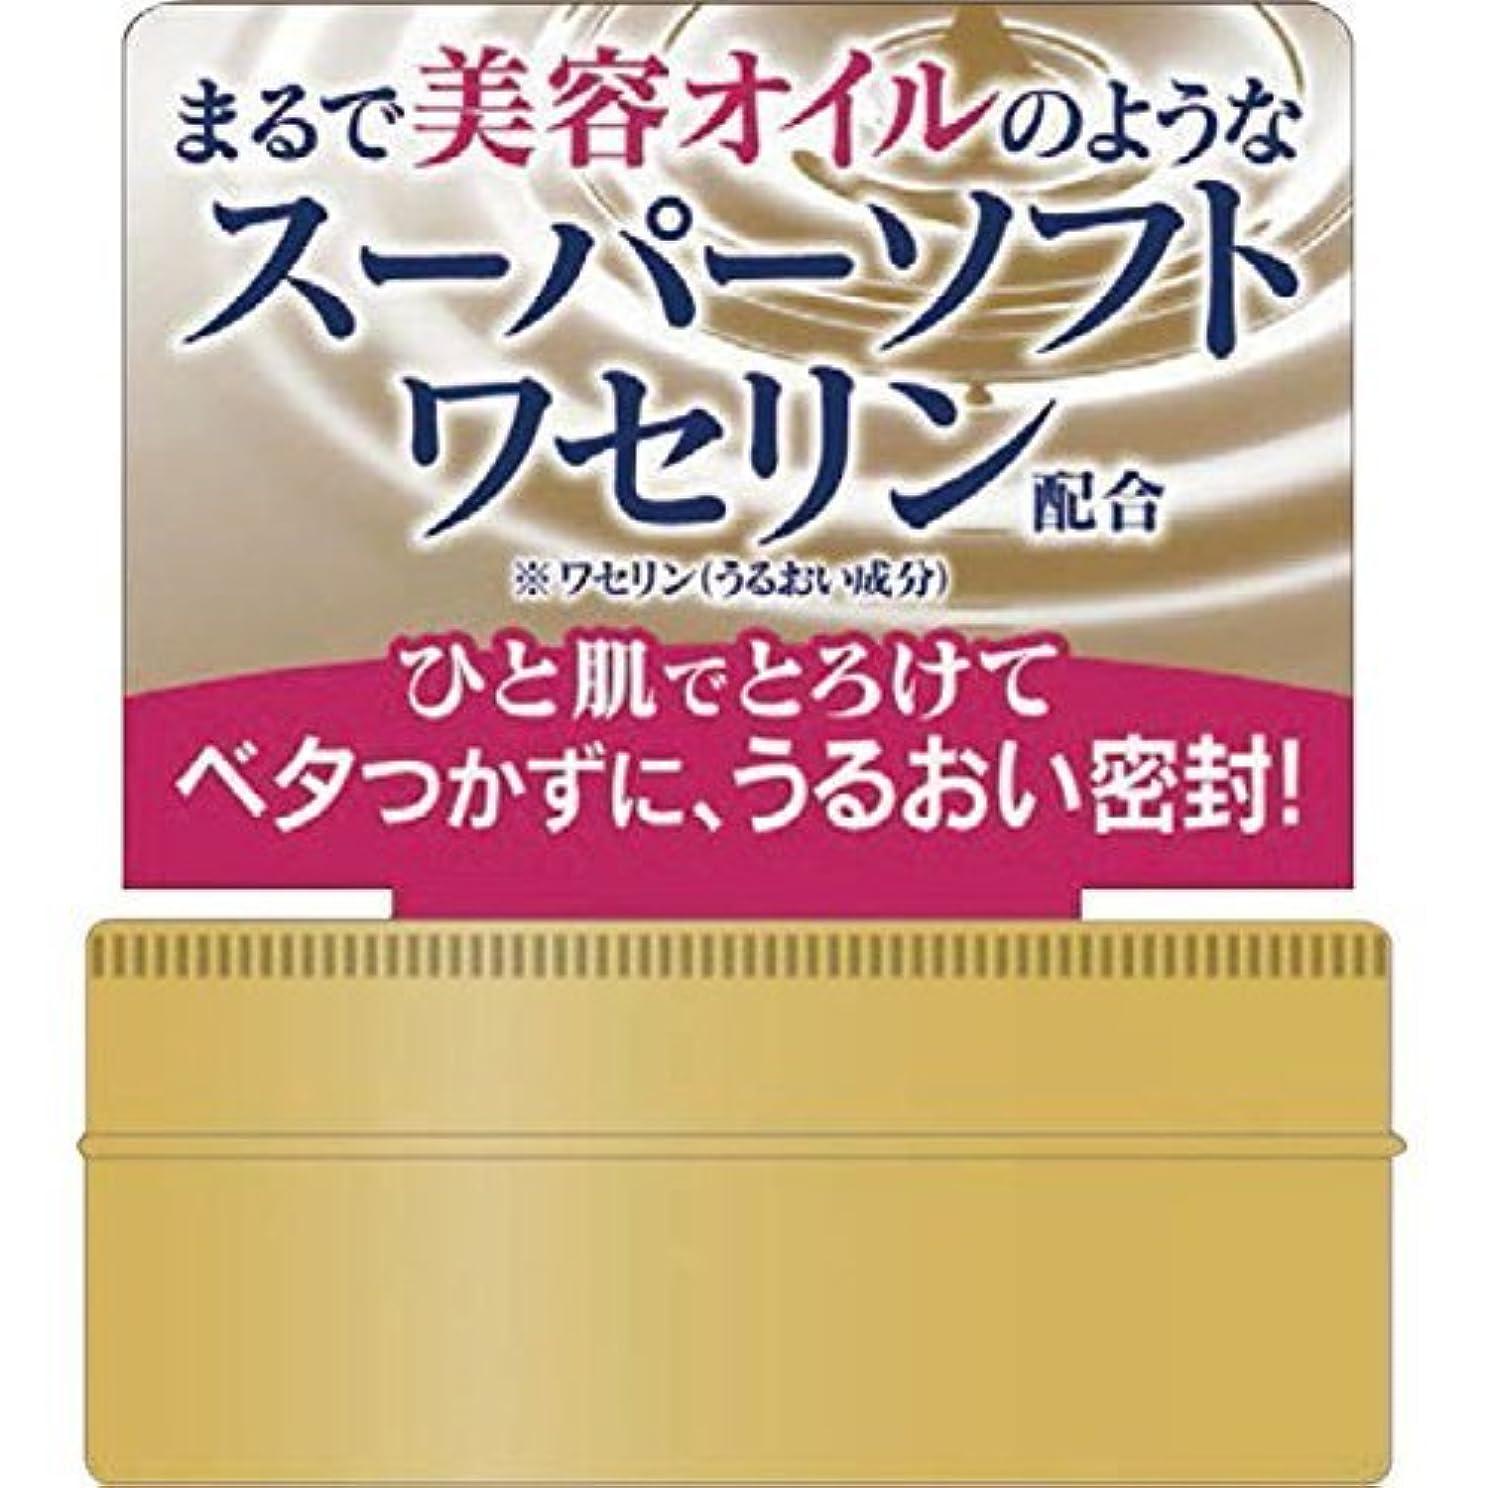 漏れ独創的サービス肌研(ハダラボ) 極潤プレミアム ヒアルロンオイルジェリー × 24個セット